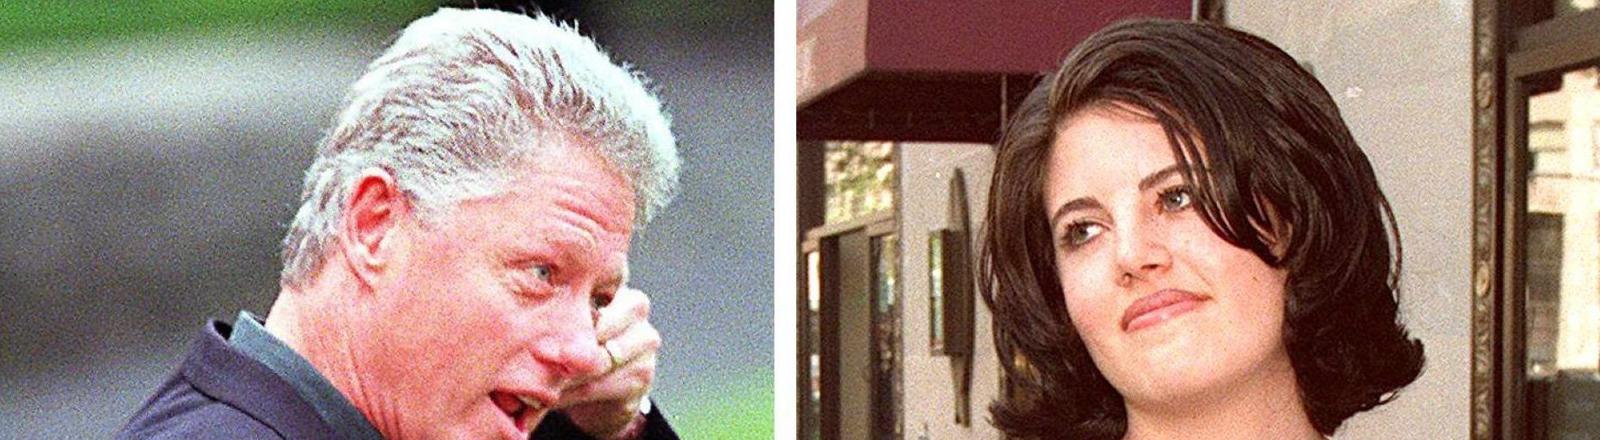 Die Kombo mit undatierten Archivbildern zeigt US-Präsident Bill Clinton und Monica Lewinsky.